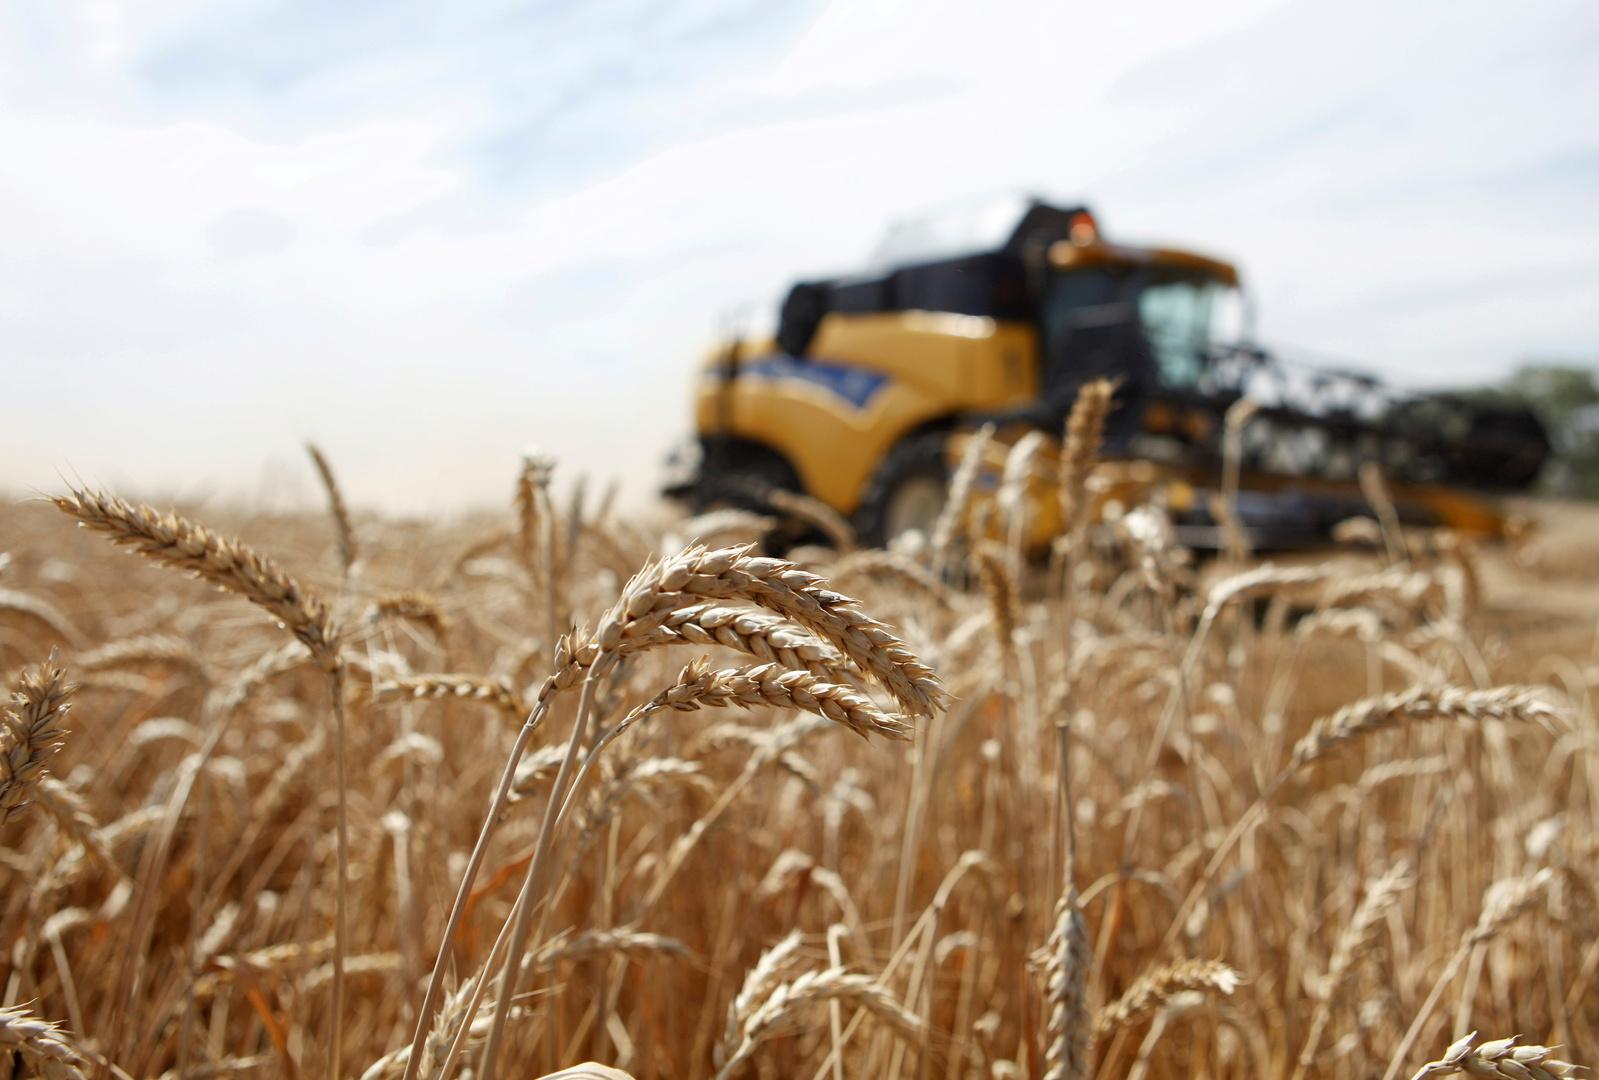 للشهر العاشر على التوالي.. ارتفاع مؤشر أسعار الغذاء العالمية